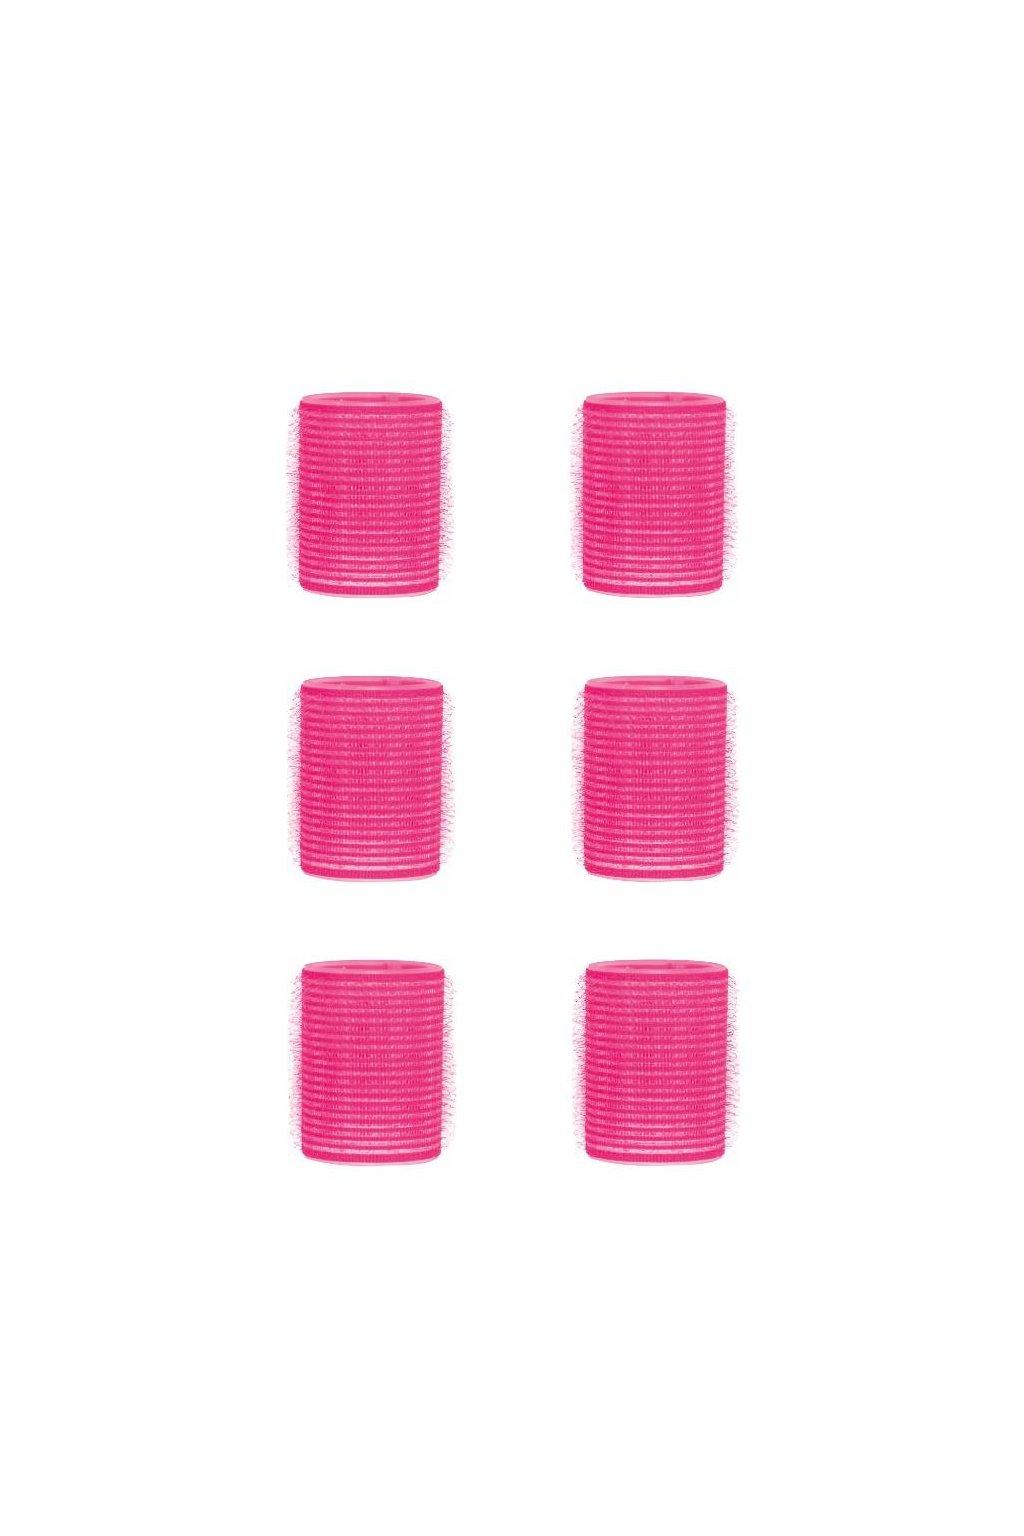 Natáčky suchý zip průměr 44mm růžové Xanitalia